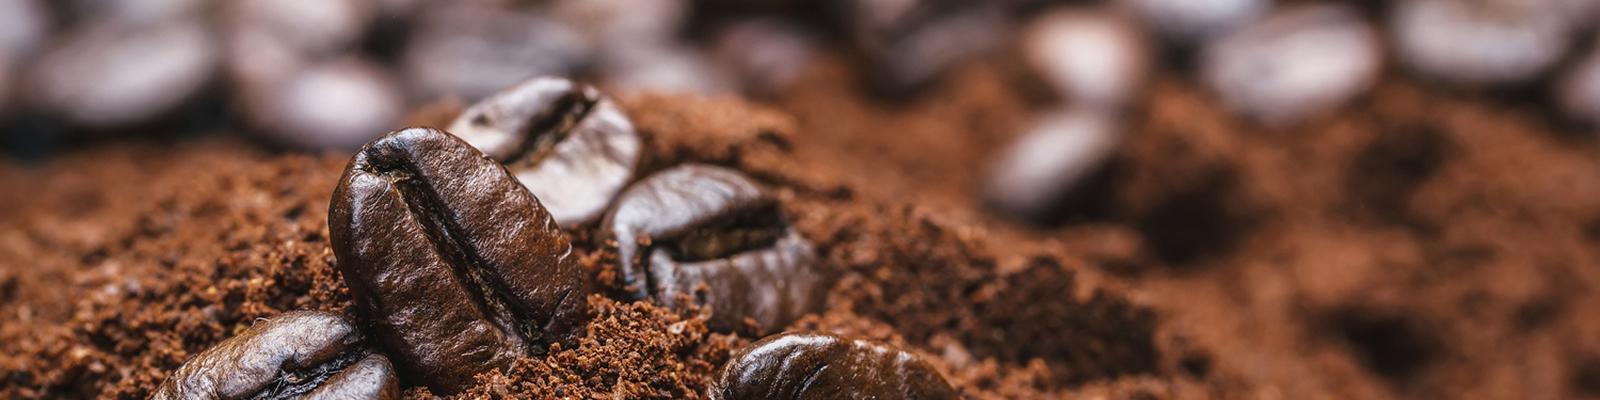 slide 2 - ogutulmus kahve